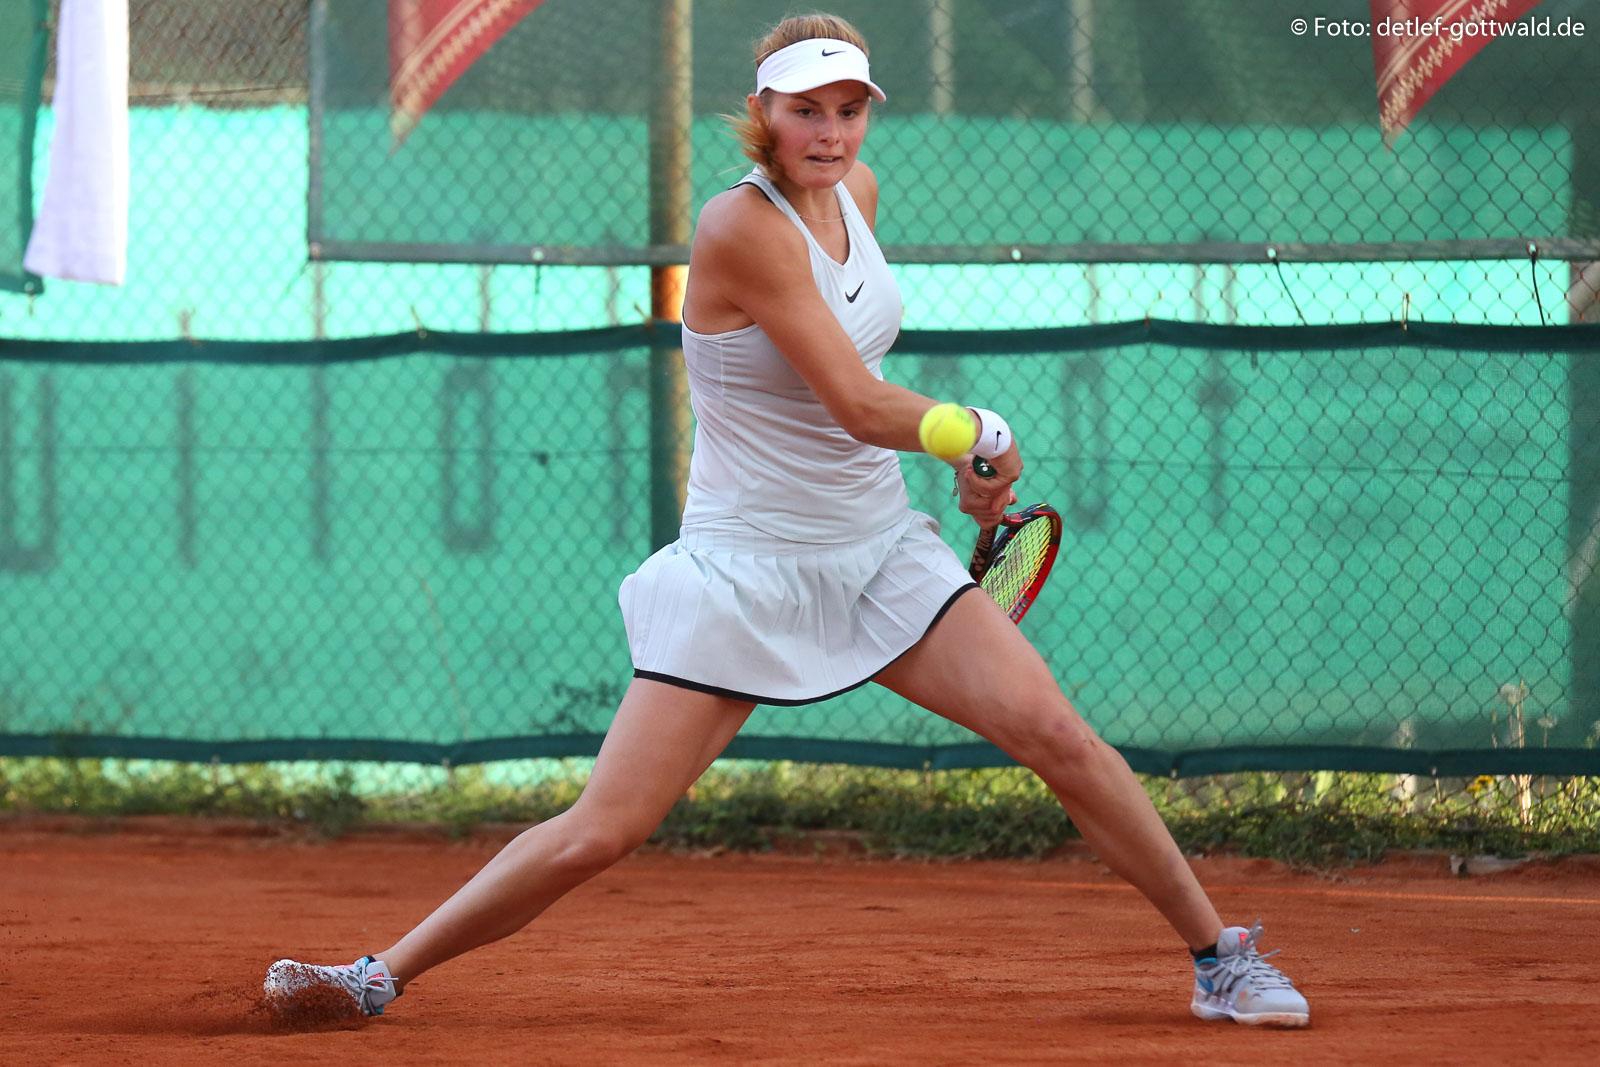 Будапешт. Завацкая обыгрывает 1-ю сеяную и выходит в полуфинал